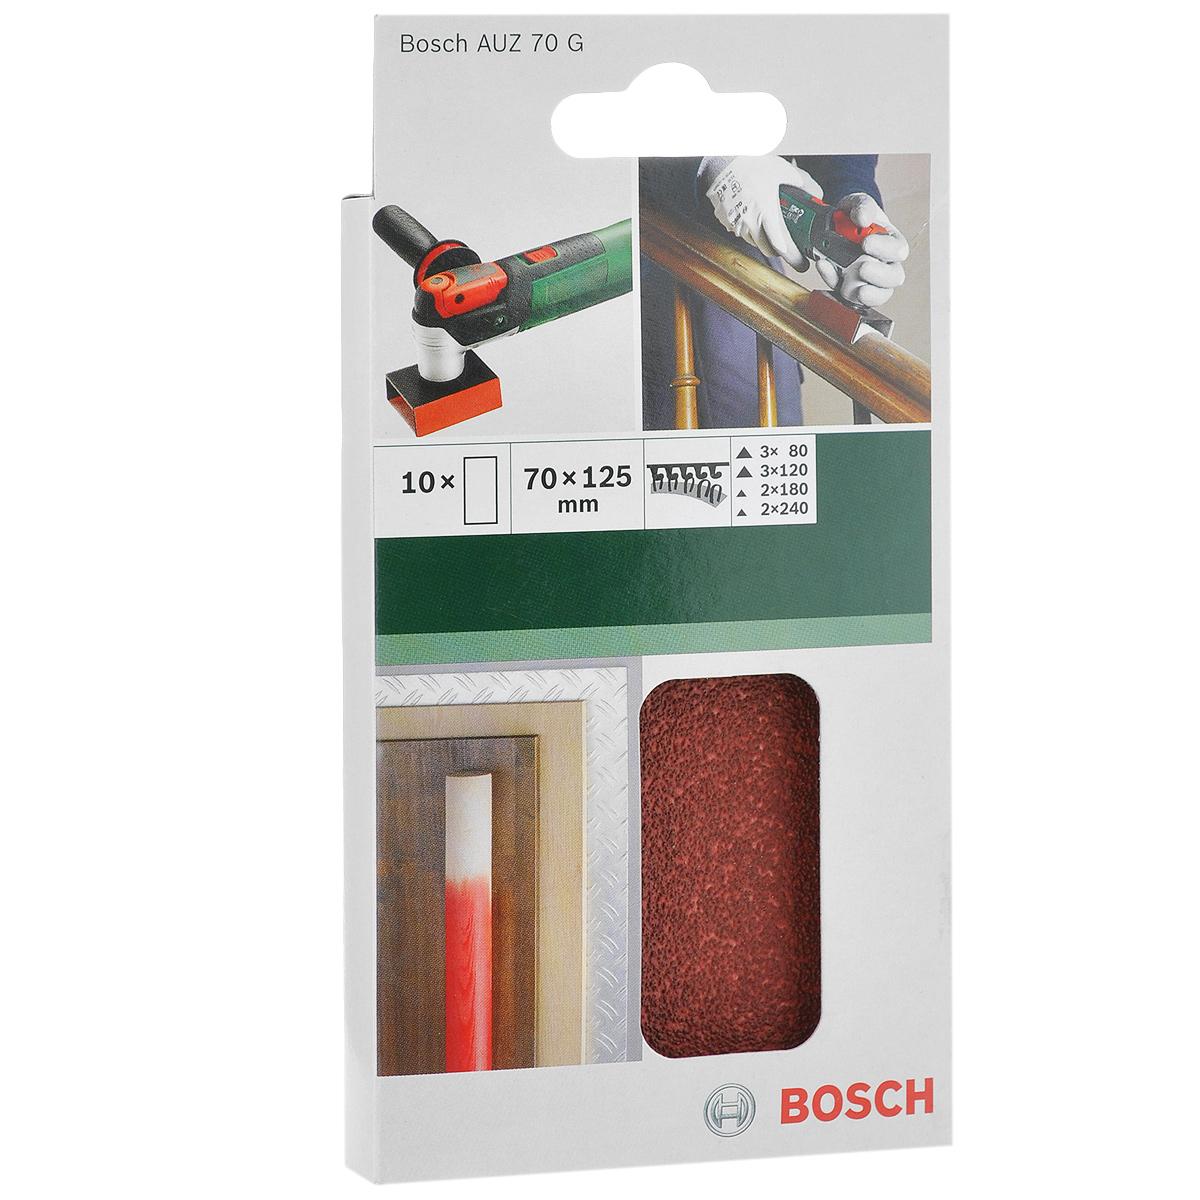 Лист шлифовальный Bosch AUZ 70 G, 70х125 мм, 10 шт2609256D33Шлифовальный лист Bosch предназначен для эксцентриковых шлифовальных машин. Крепится при помощи липучки и подходит для работ по дереву. Перфорация позволяет отводить шлифовальную пыль из рабочей зоны. В упаковке 10 штук.